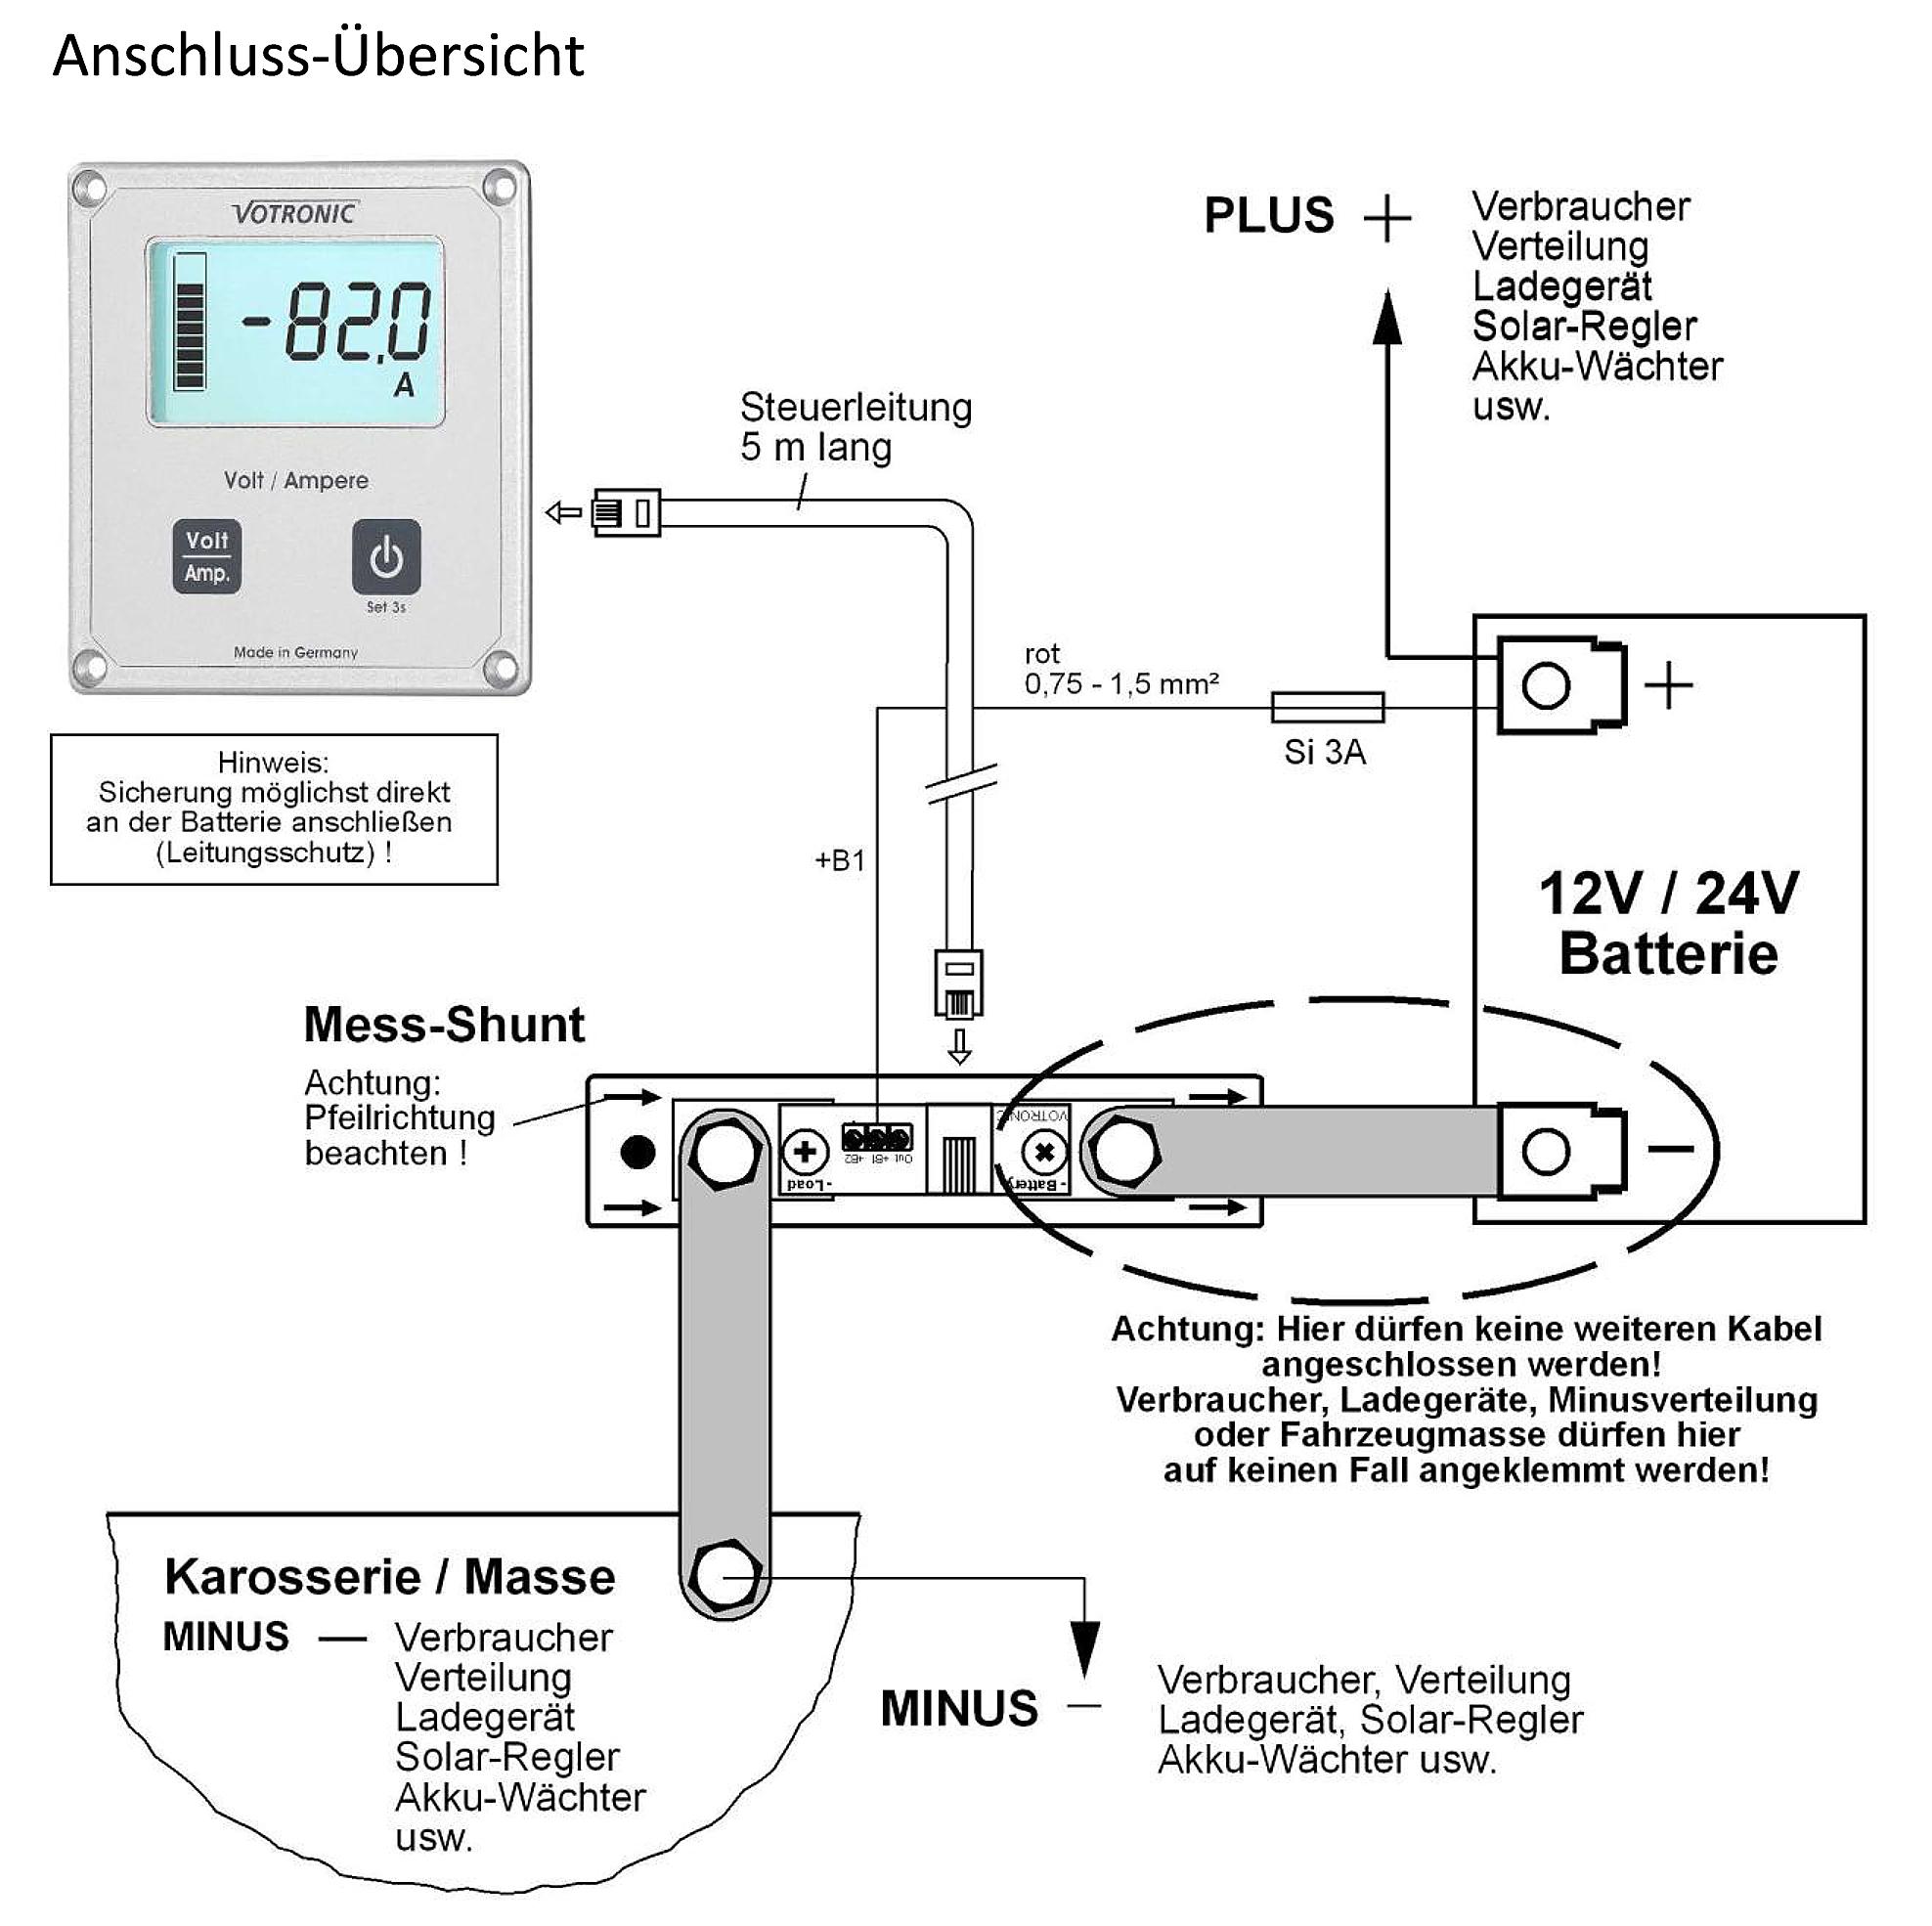 Niedlich Was Ist Das Symbol Für Amperemeter Ideen - Der Schaltplan ...